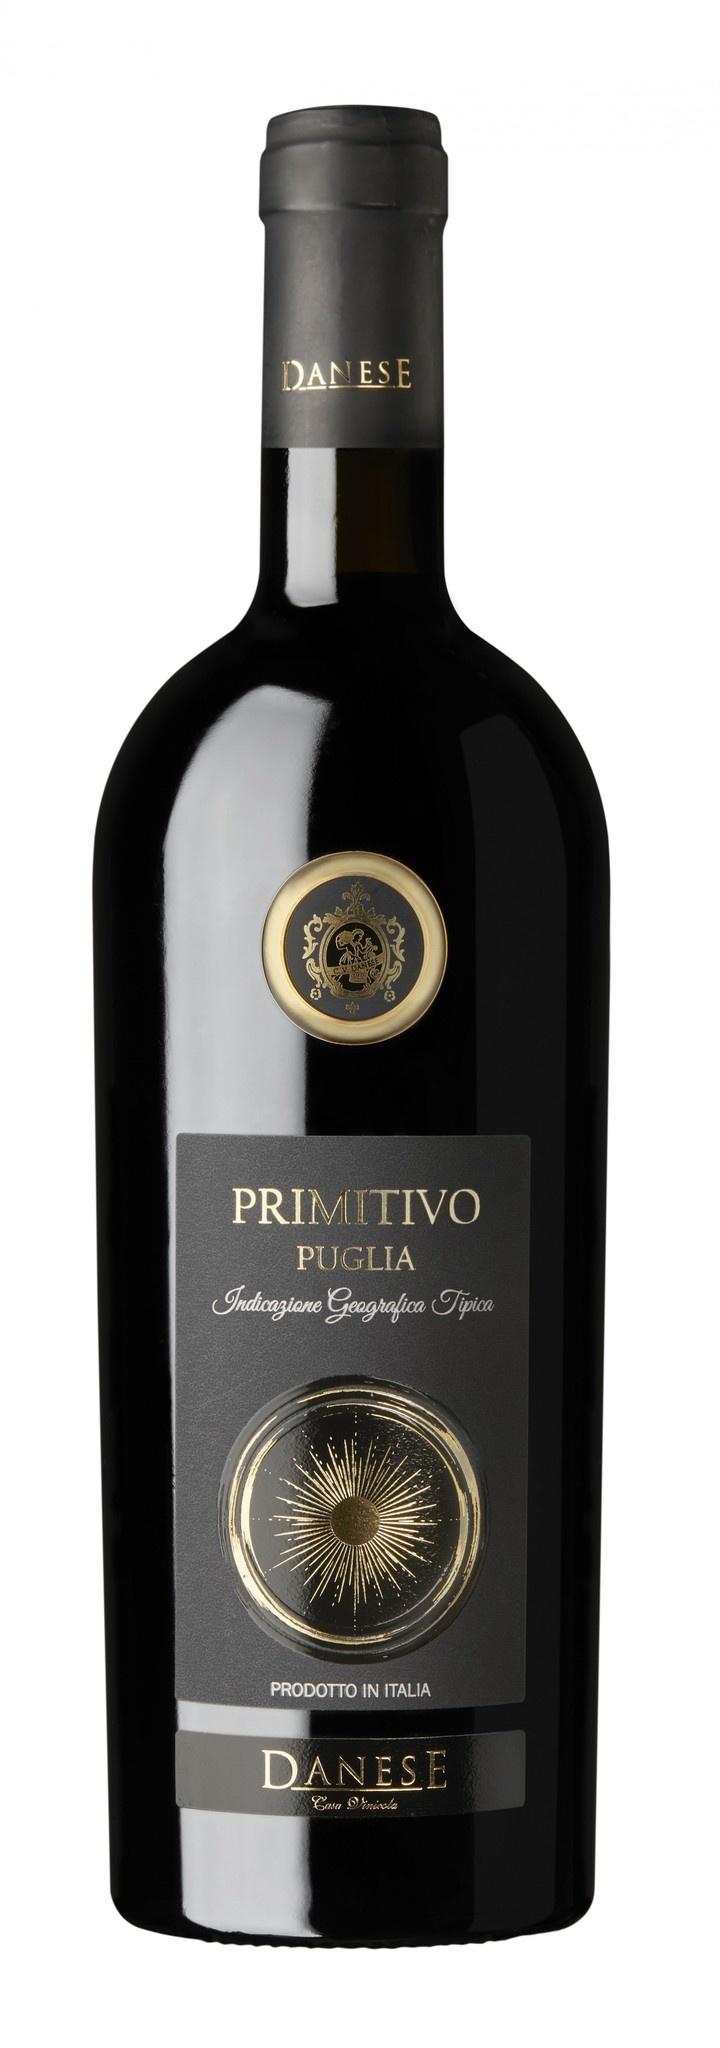 Primitivo special edition